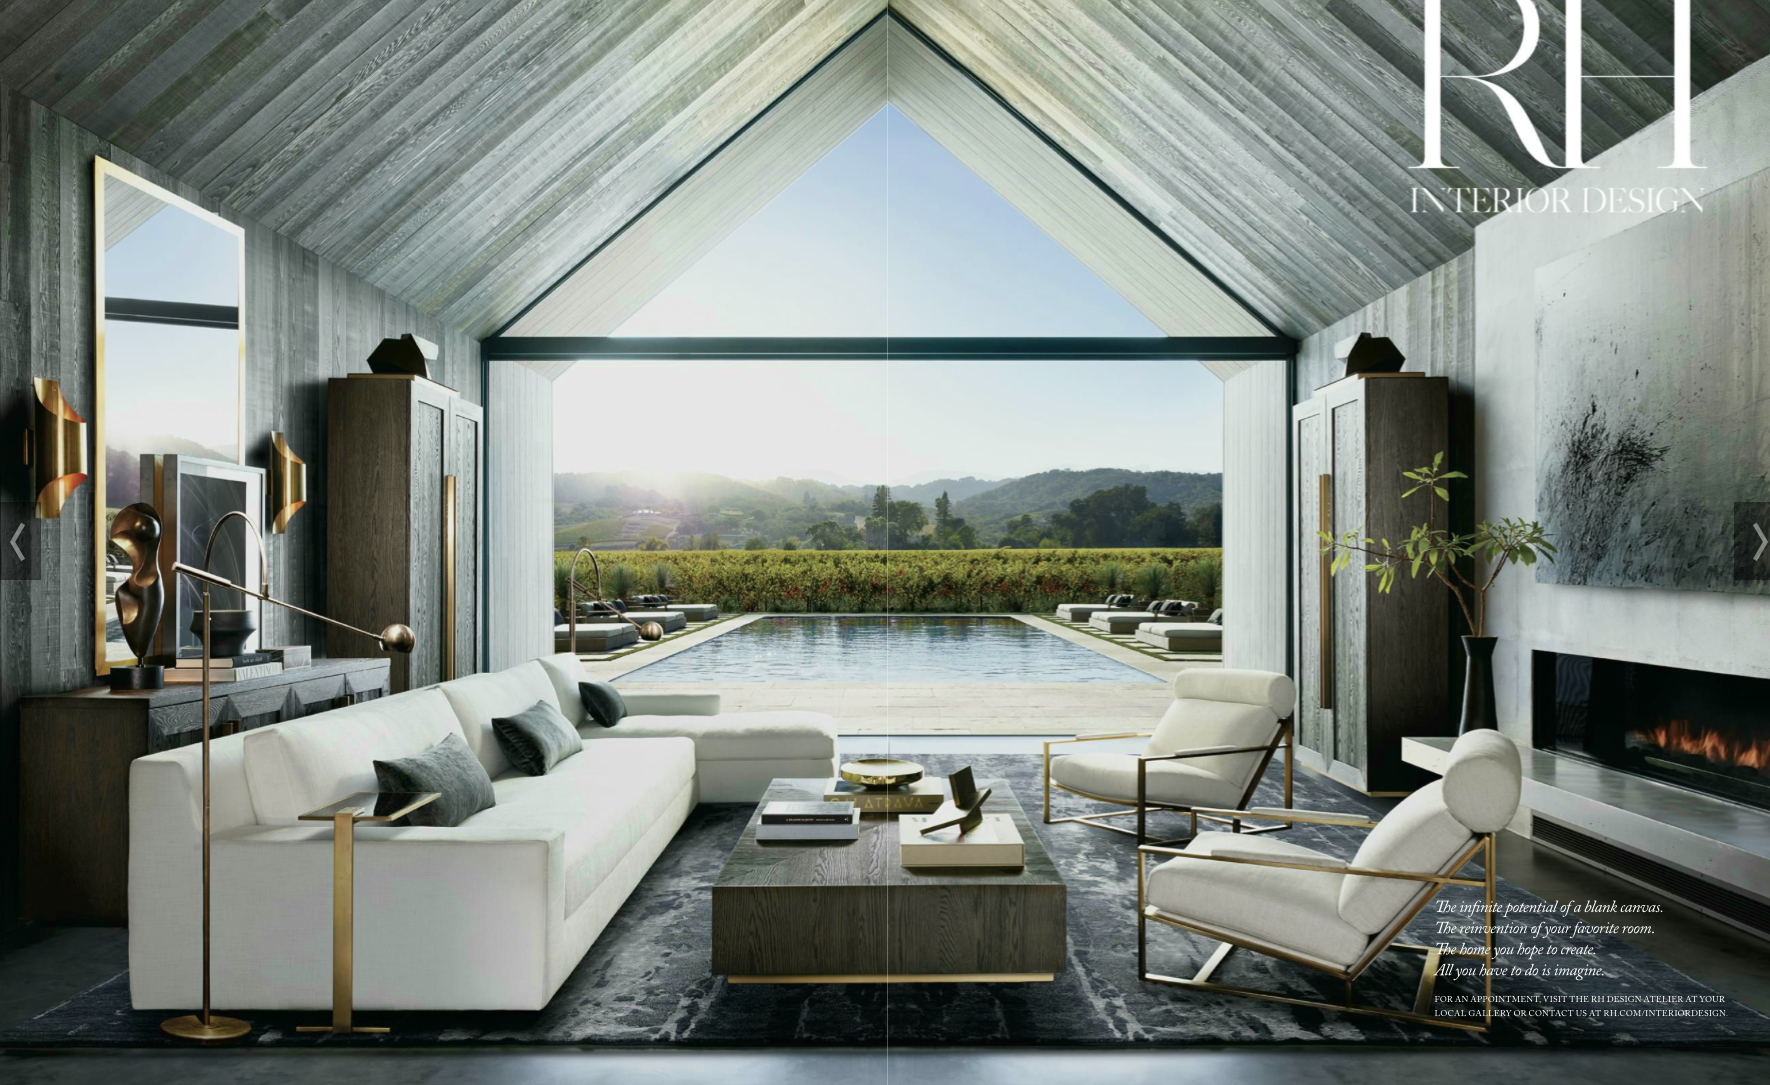 Pin by Jonna Bach Helsengreen on Inspirational Interior | Pinterest ...